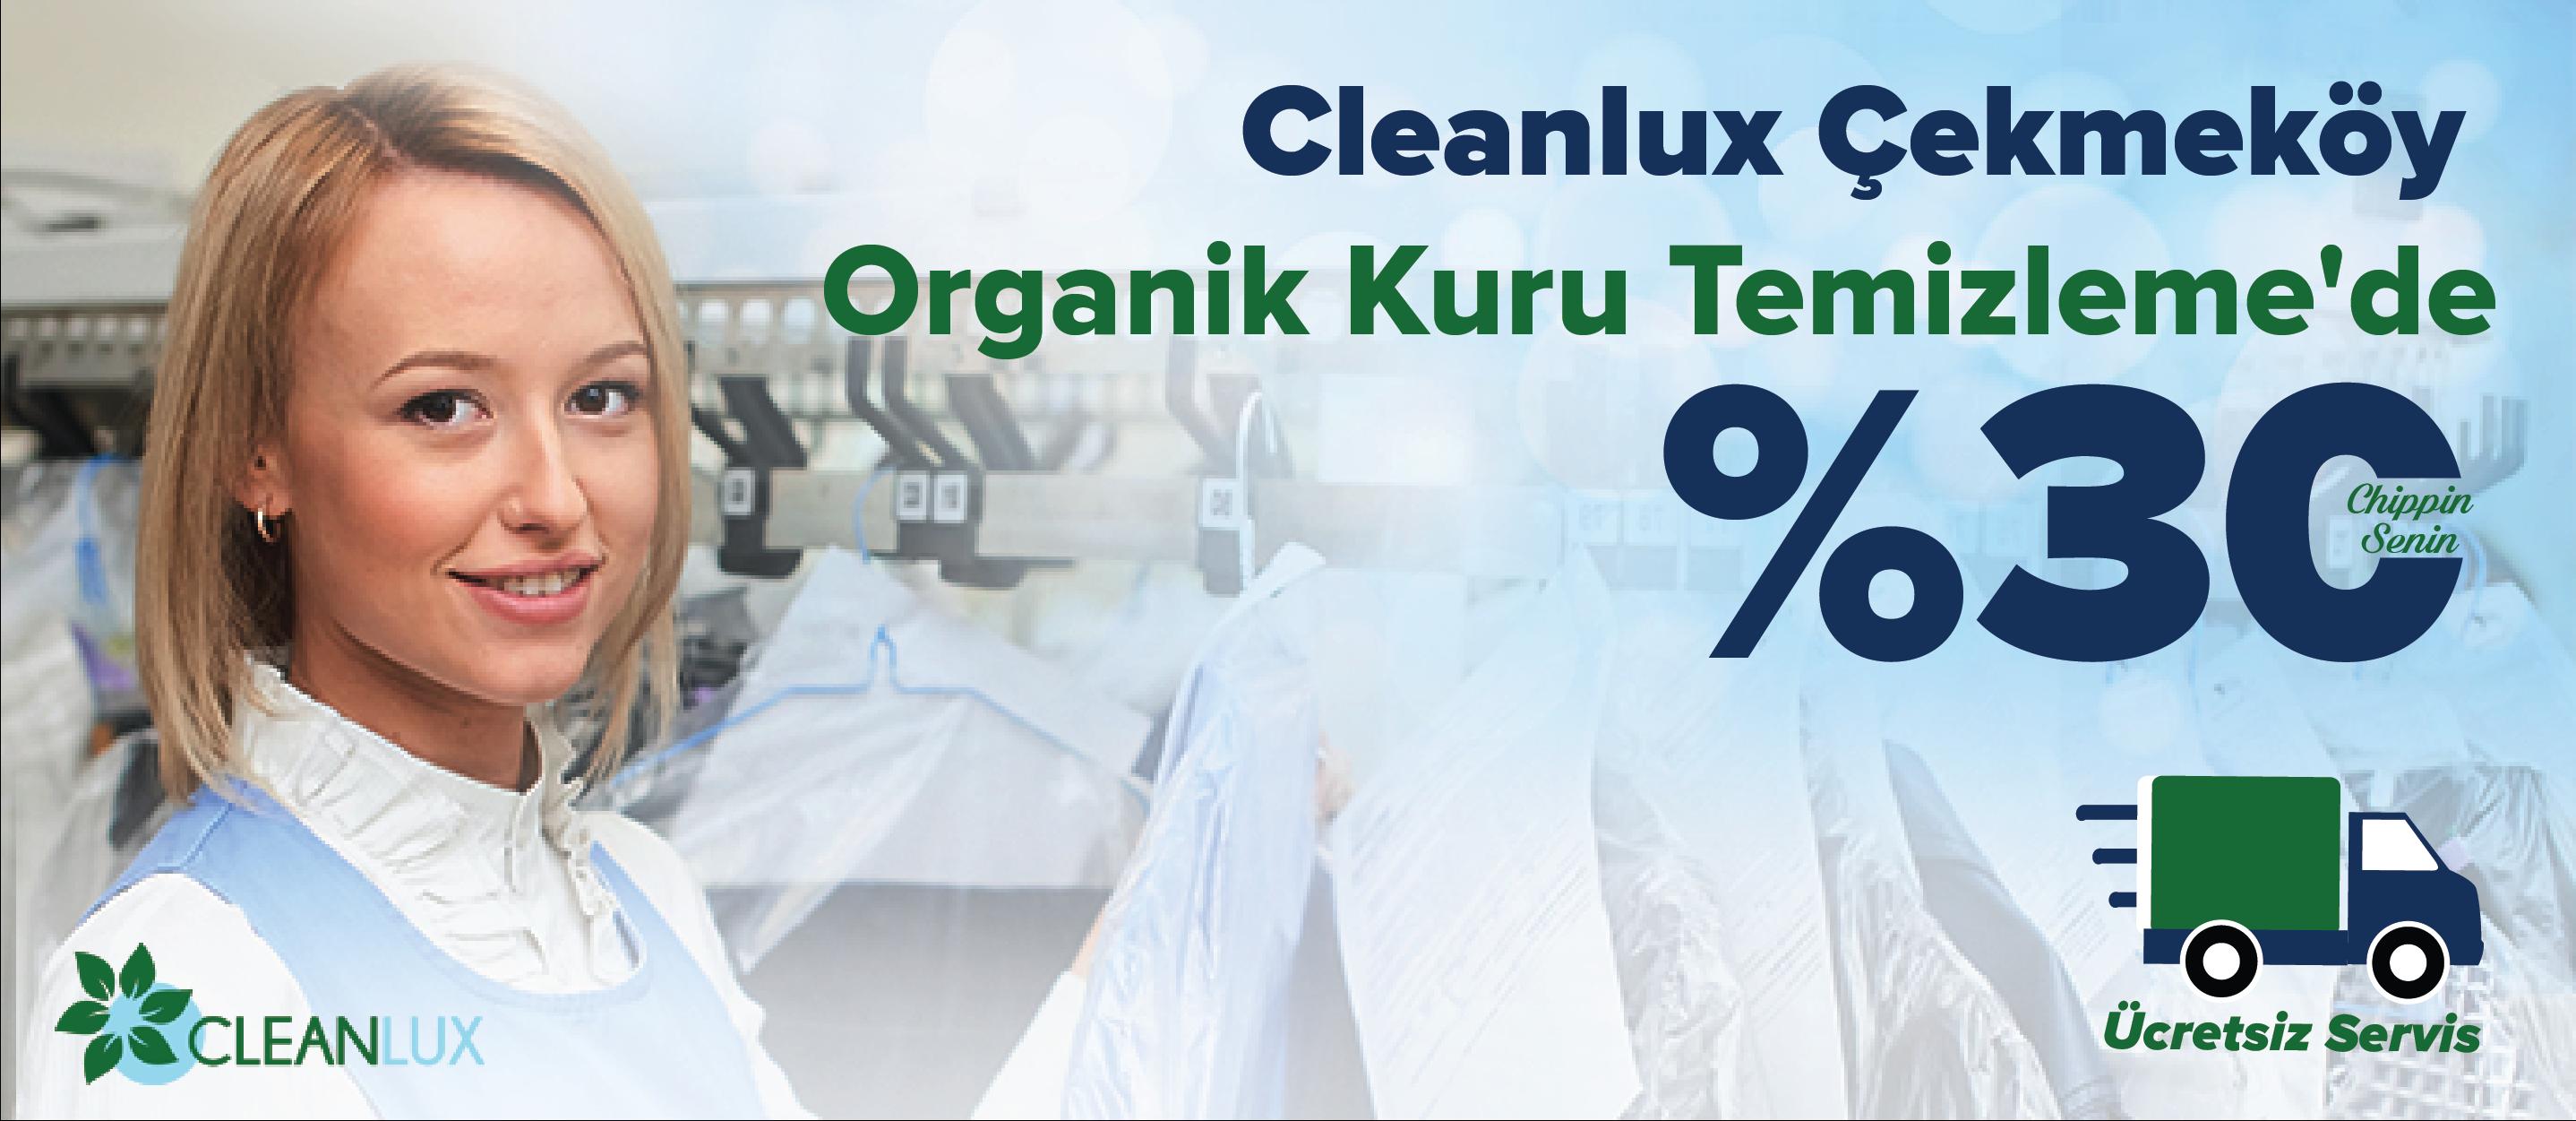 Çekmeköy Cleanlux ORGANİK Kuru TEMİZLEME